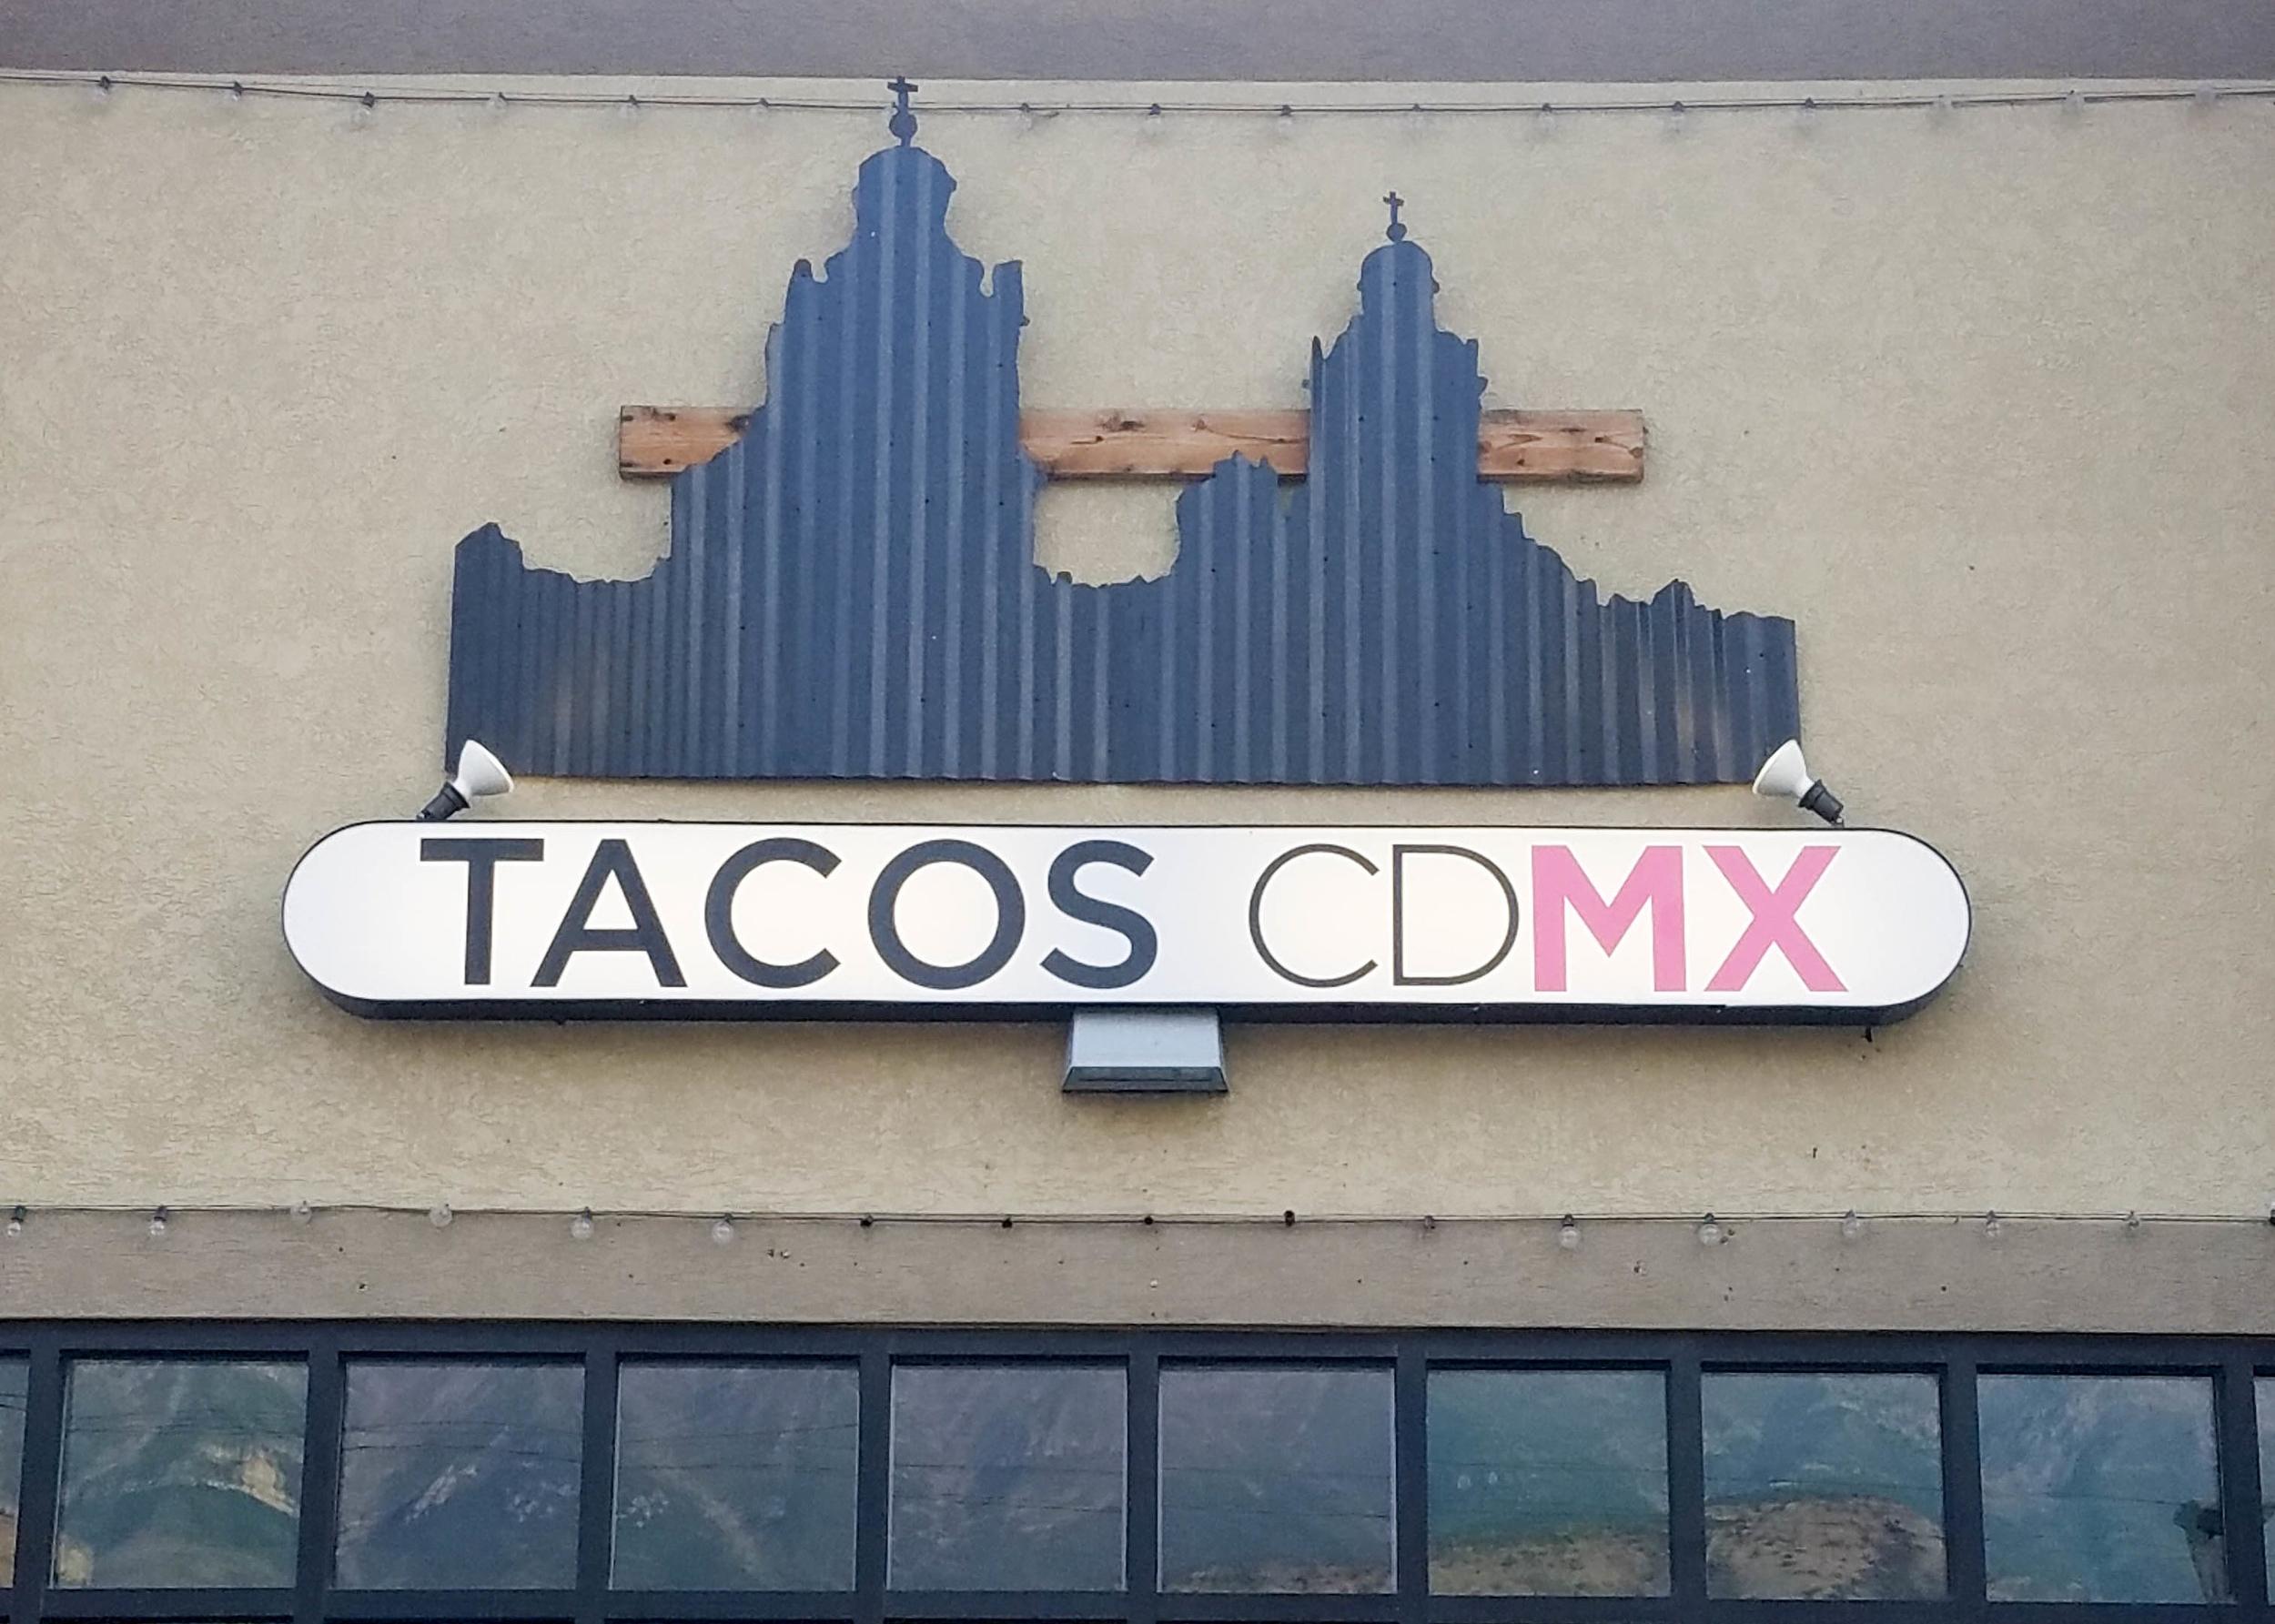 tacos cdmx